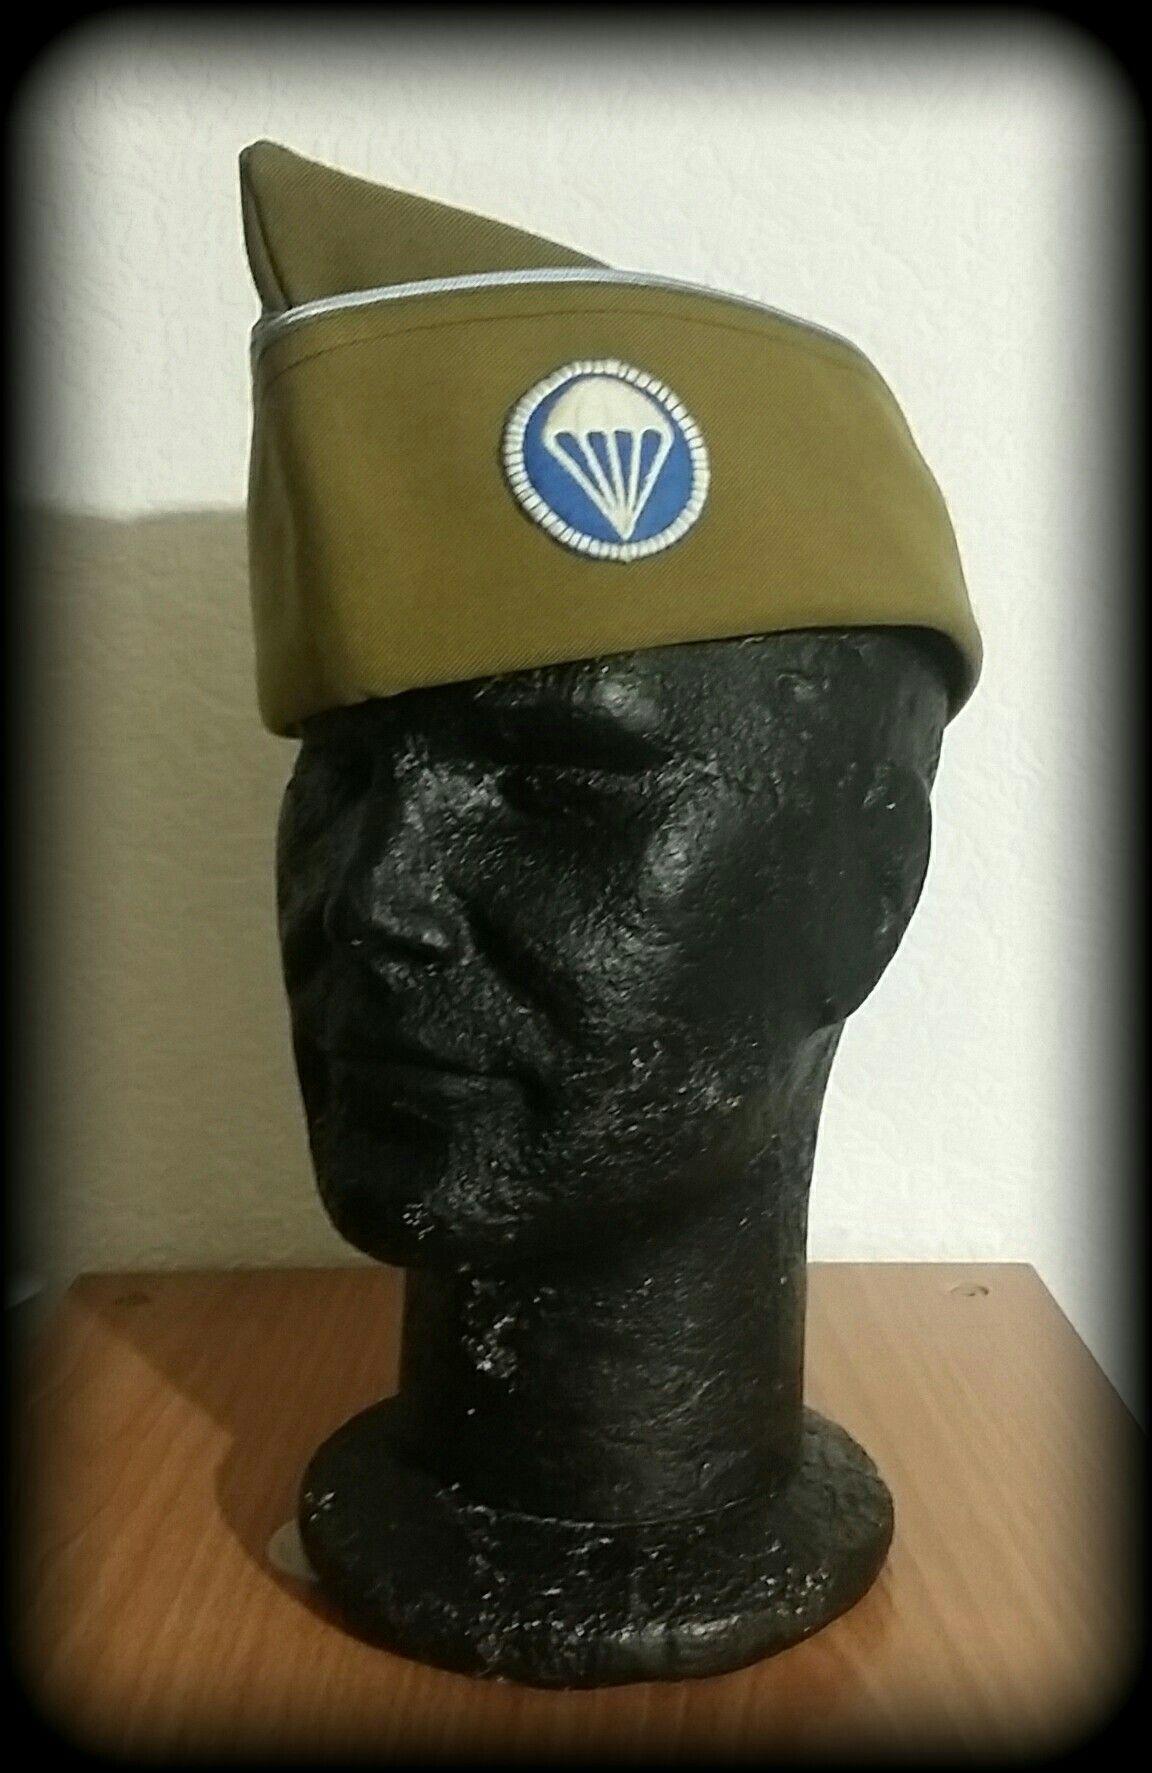 62b0af0c42ff4 WWII U.S. Infantry Airborne Garrison Cap